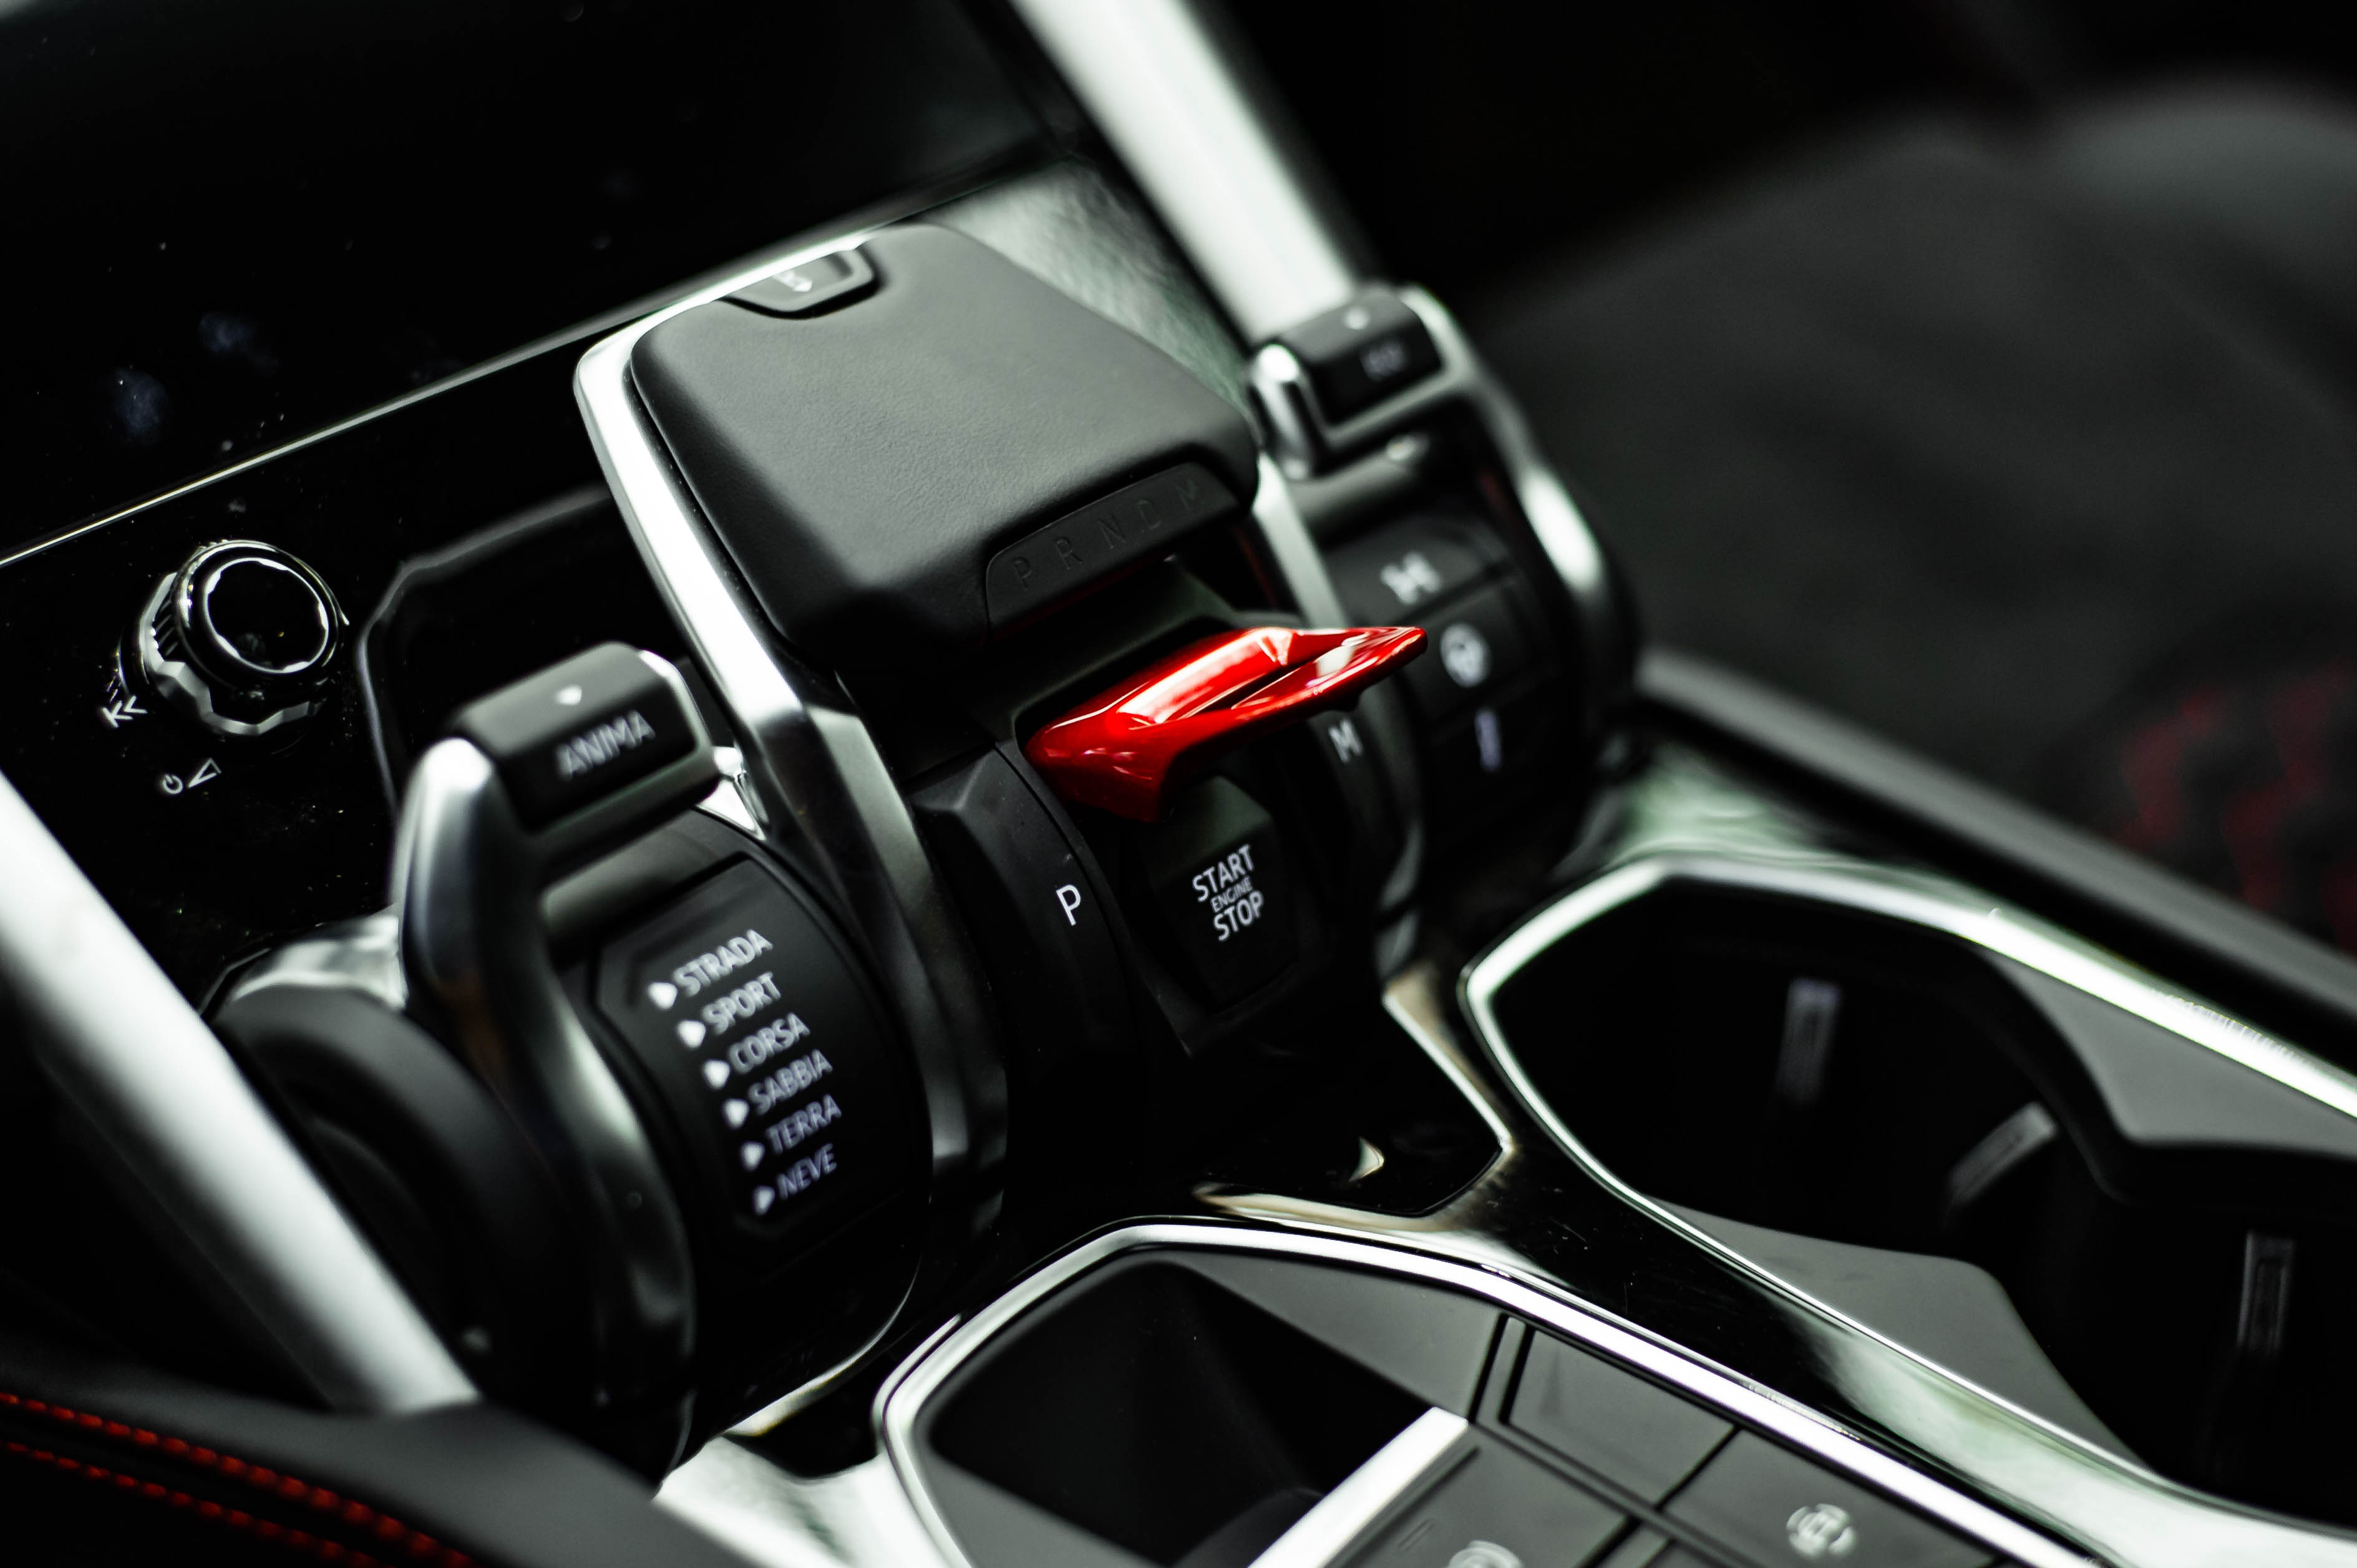 Đánh giá xe - Ngắm Lamborghini Urus màu đen đầu tiên về VN, giá khoảng 1 triệu USD (Hình 33).